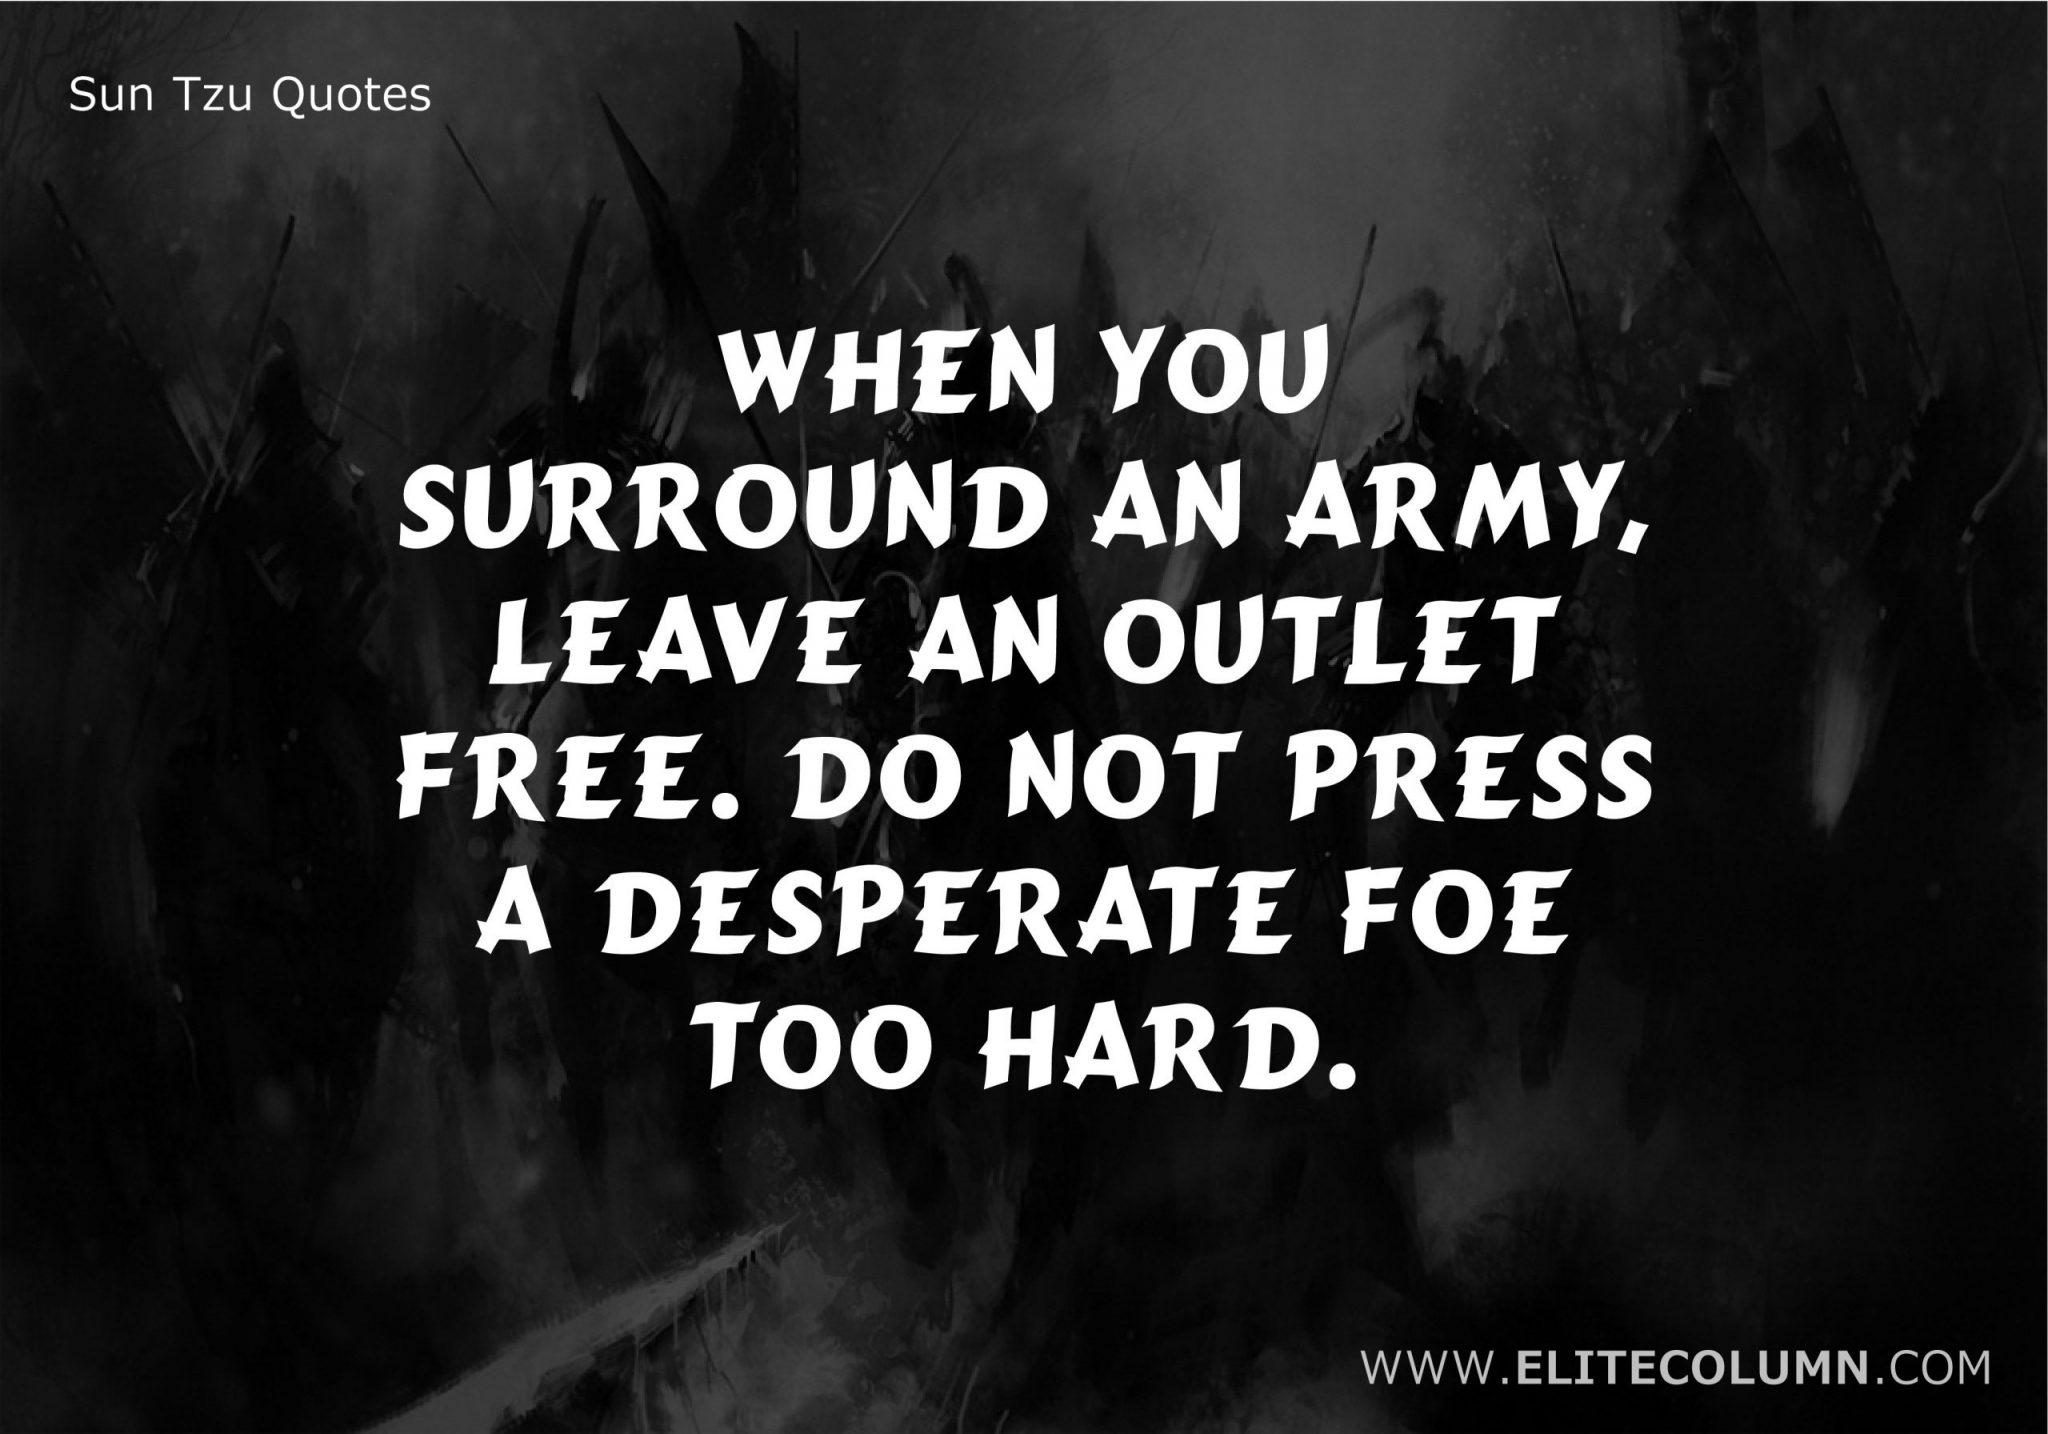 Sun Tzu Quotes (10)